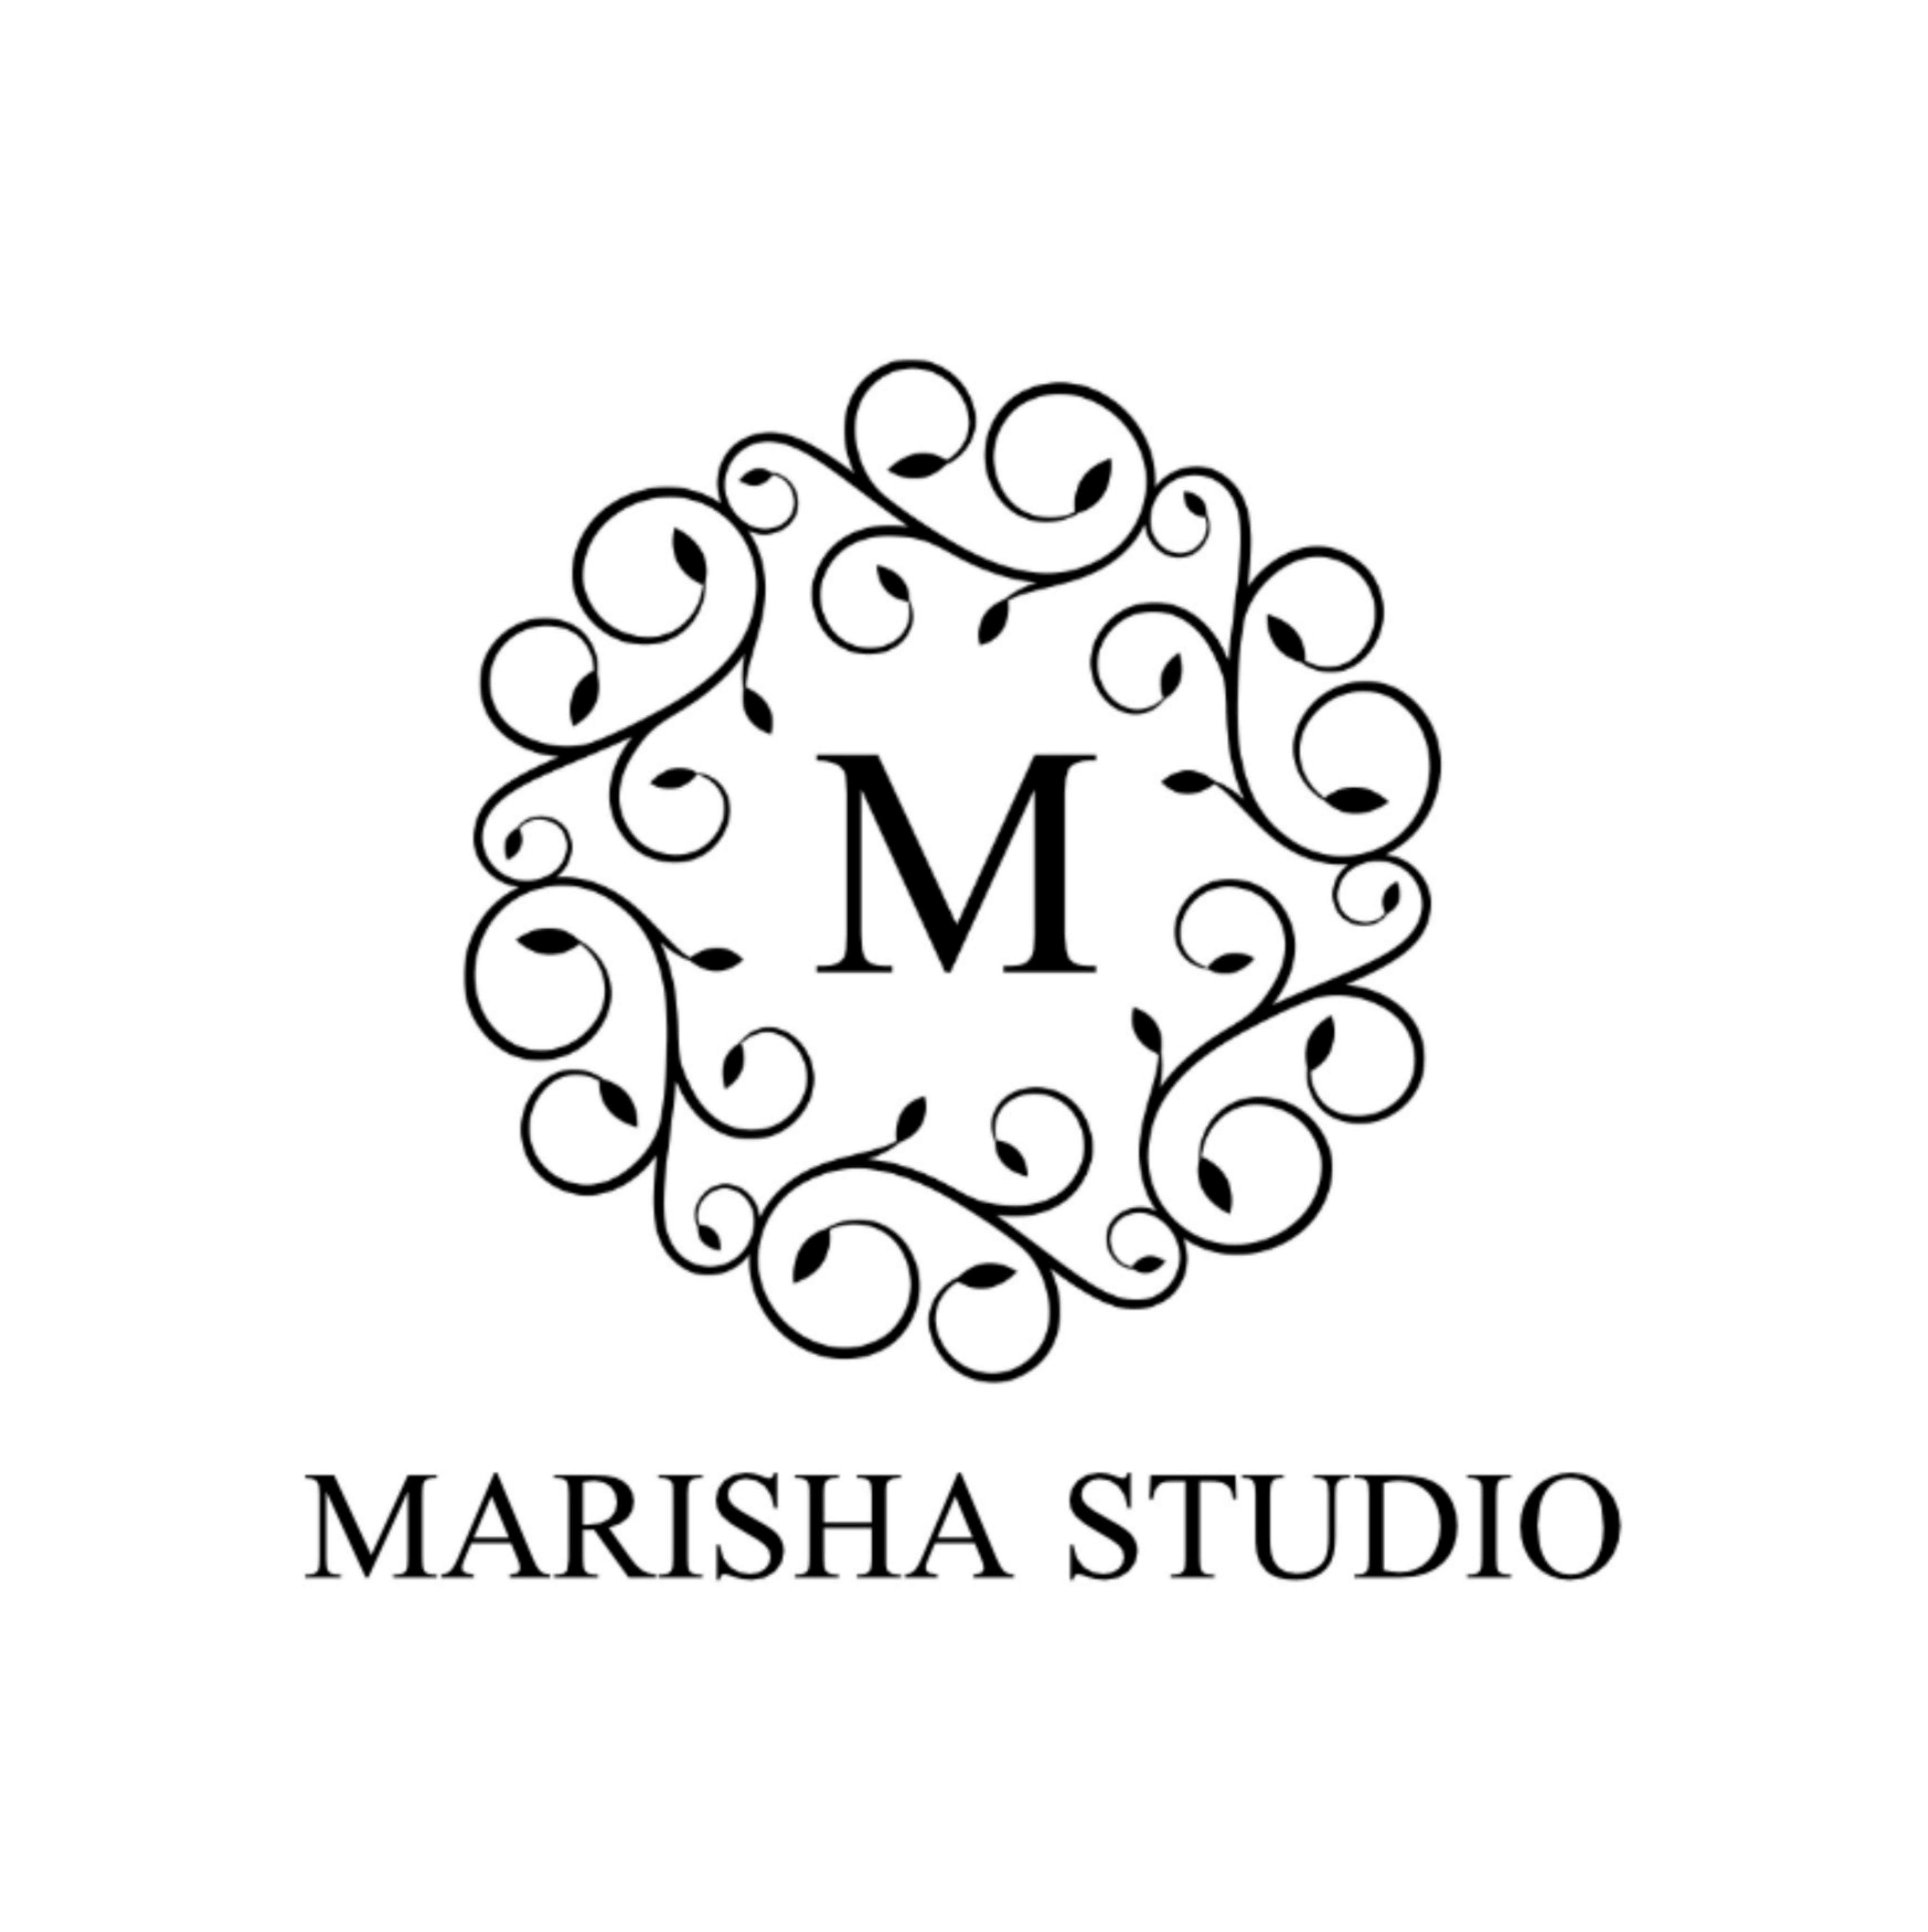 png-marisha-logo